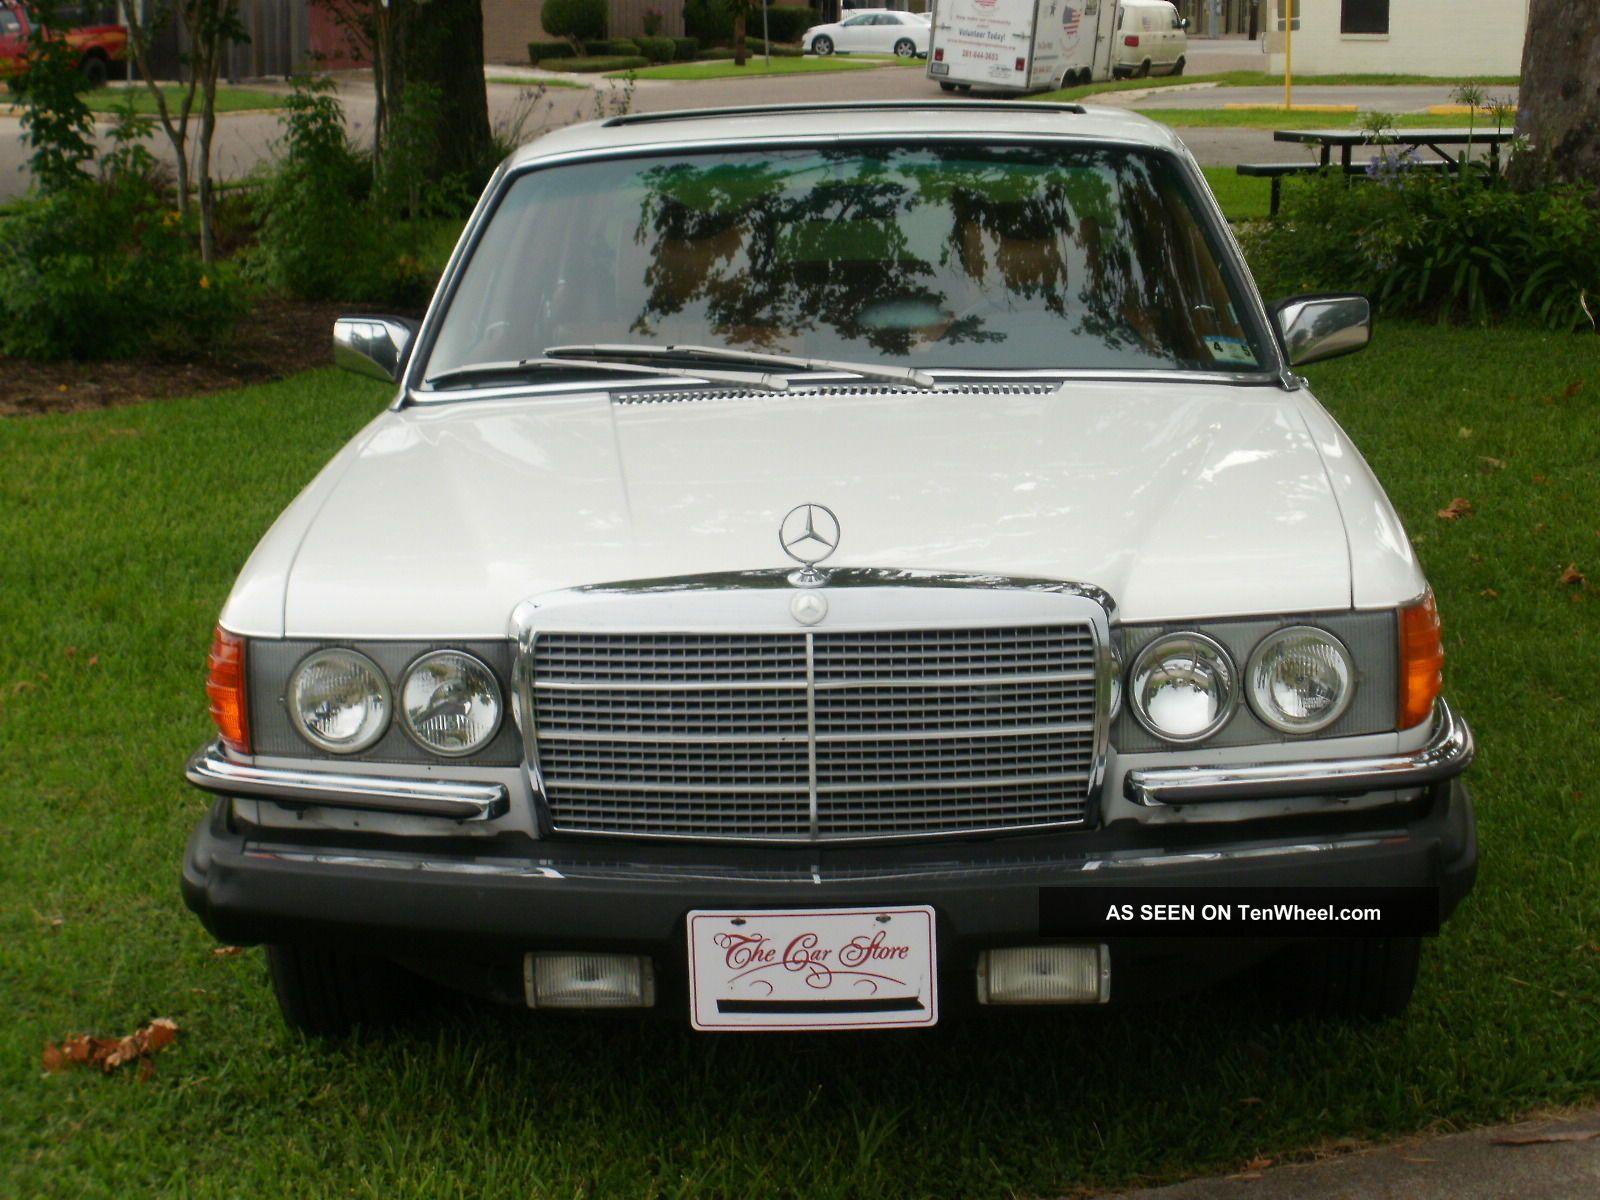 1979 mercedes benz 450 sel 6 9l for Mercedes benz 450 sel 6 9